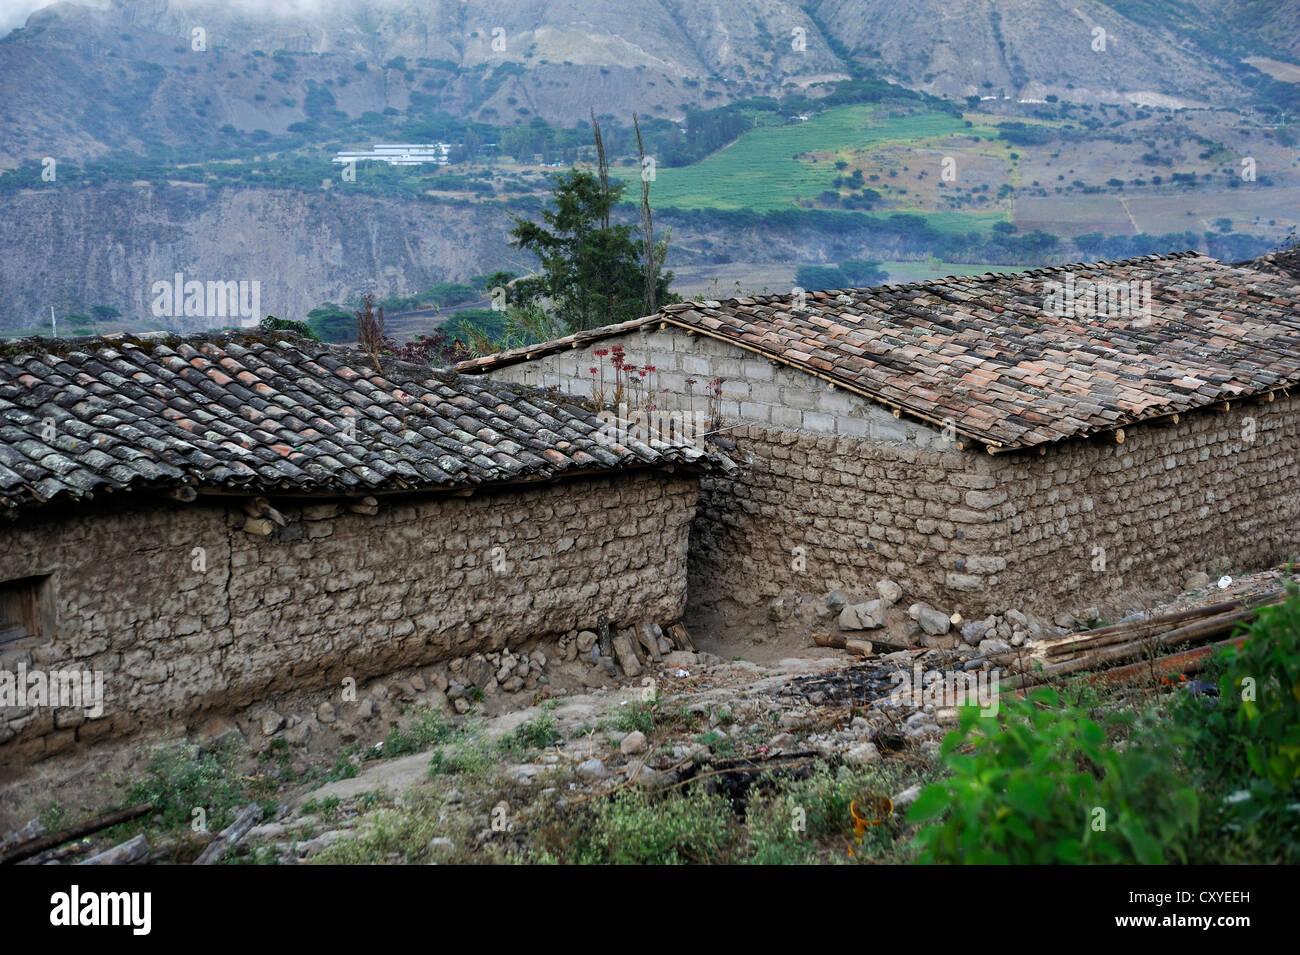 Casas en estilo arquitectónico tradicional, de ladrillos de adobe, comunidad de ascendencia africana de La Imagen De Stock